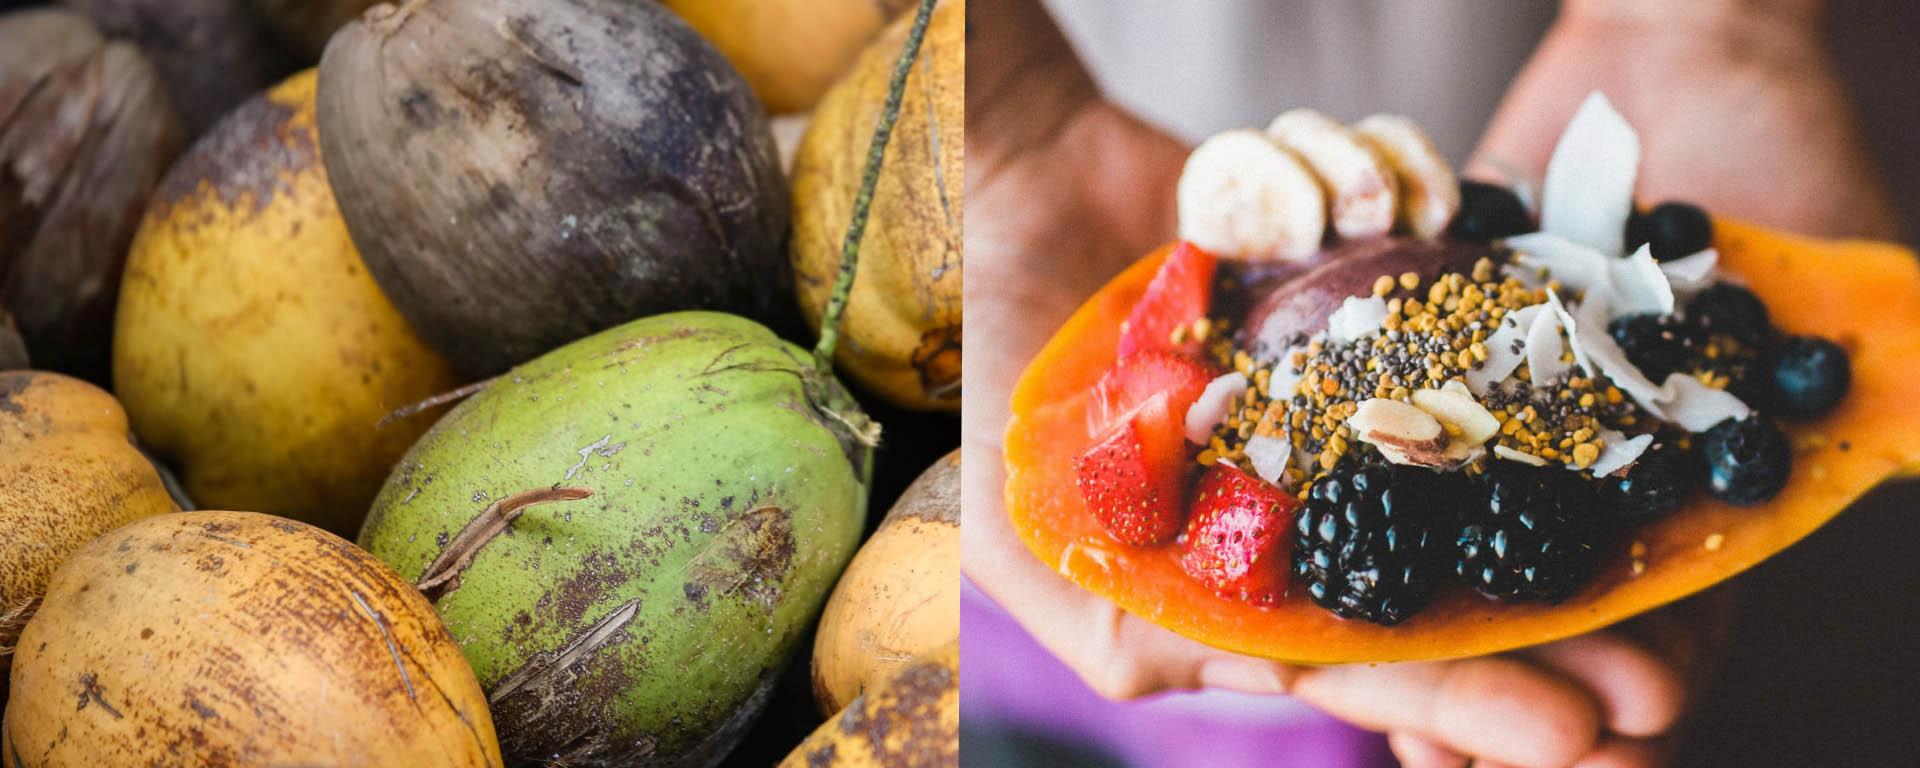 Wholefoods coconut oil food uses. S